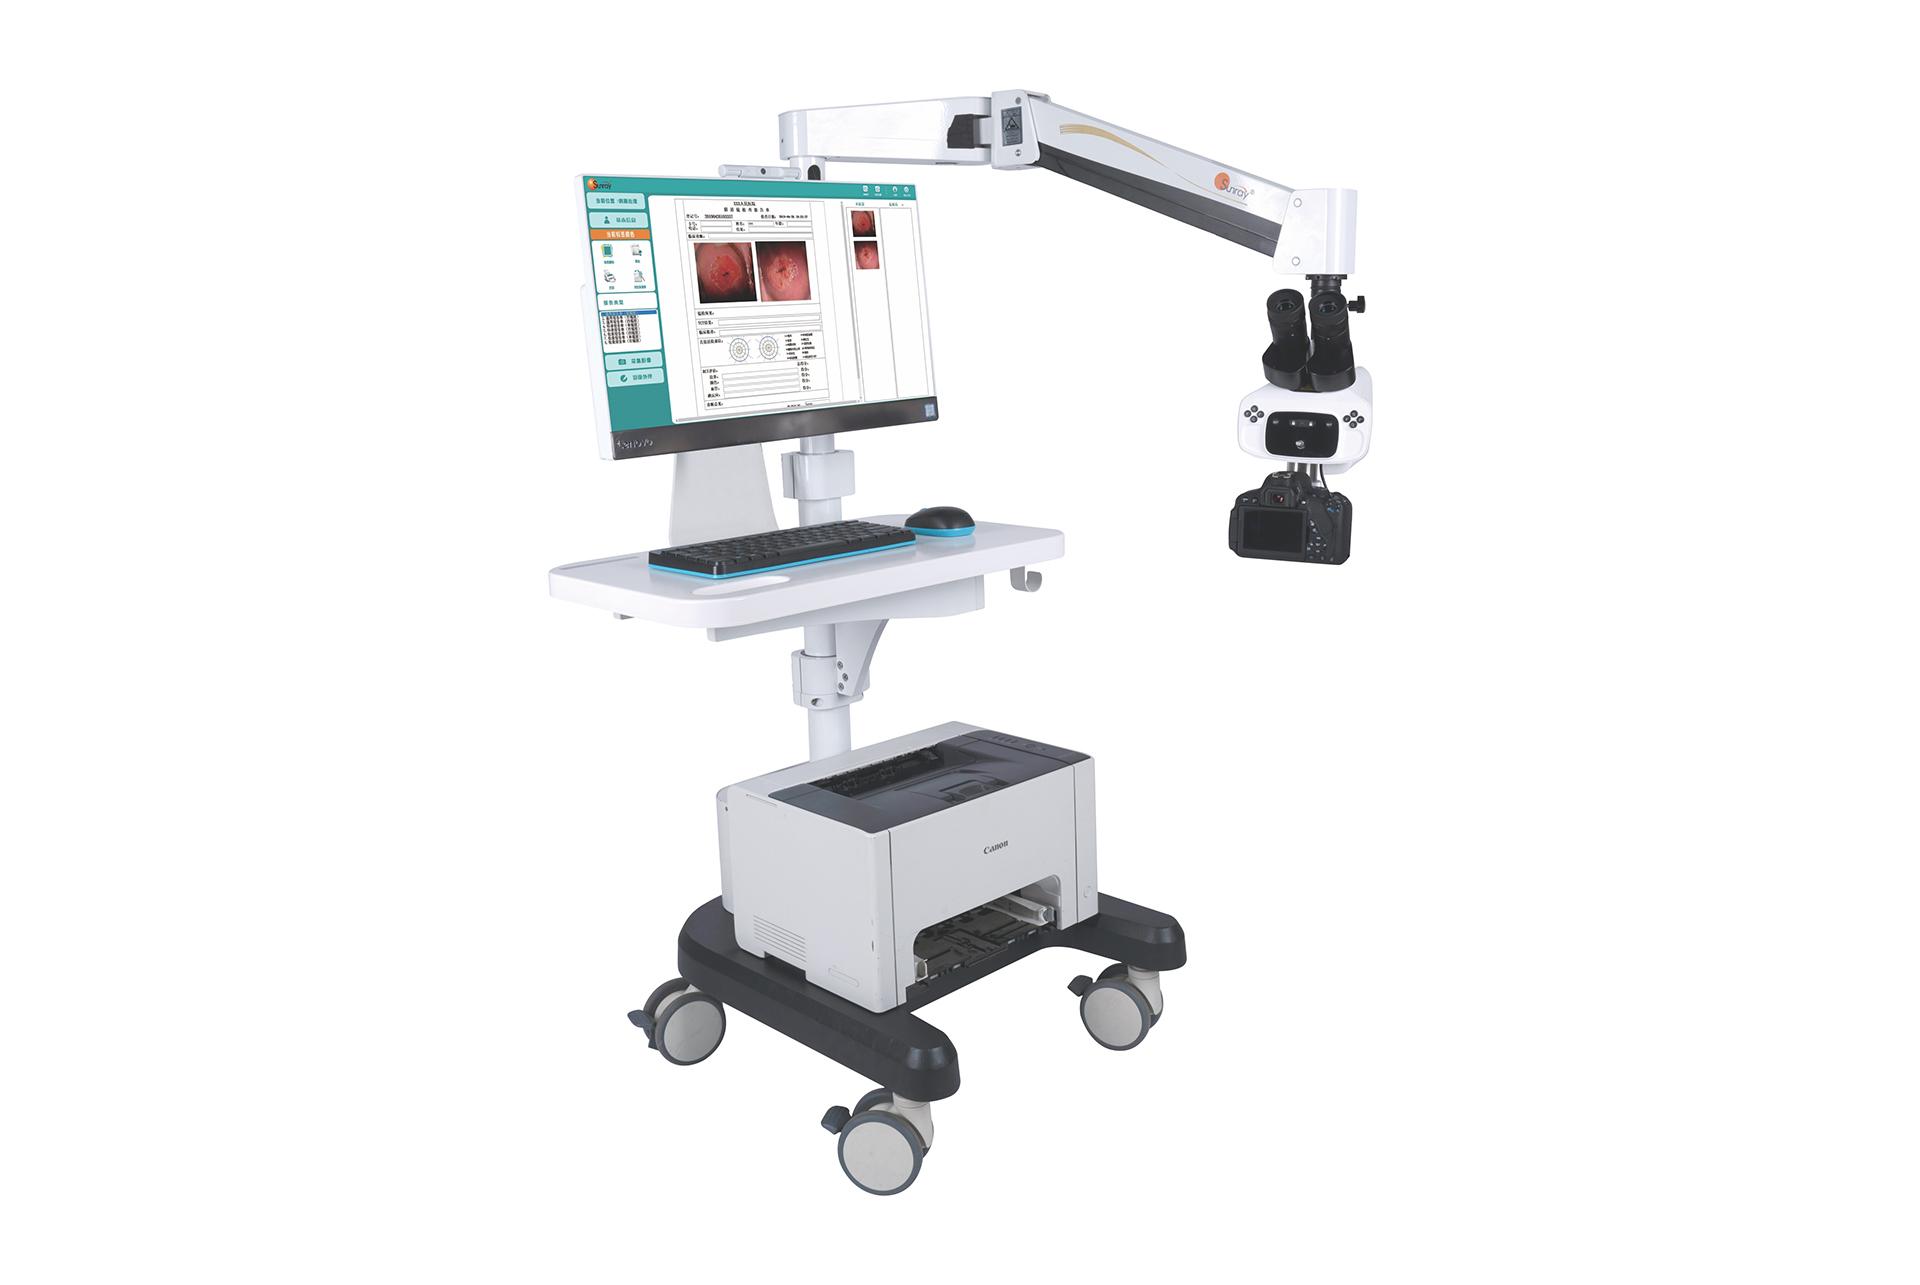 处理好文件-V1-V2电子阴道镜-具备光电阴道镜功能